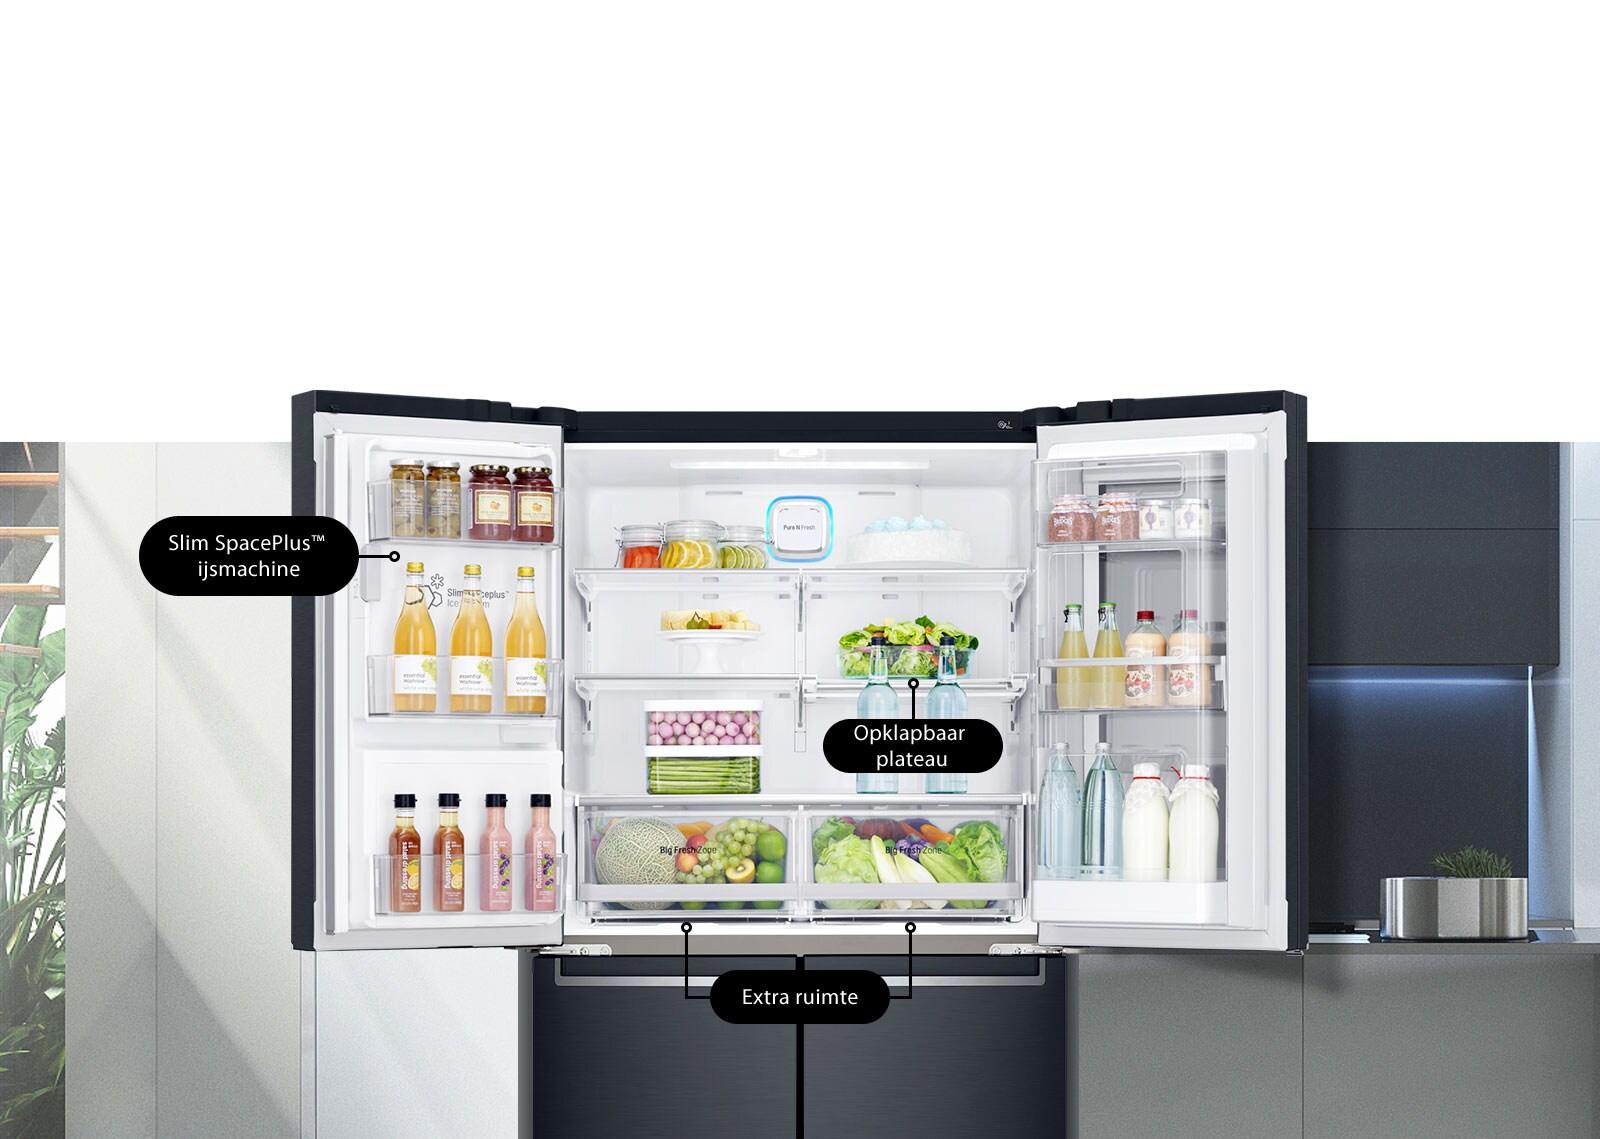 Lg amerikaanse koelkast gmk9331mt door in door u2013 electrokampioen